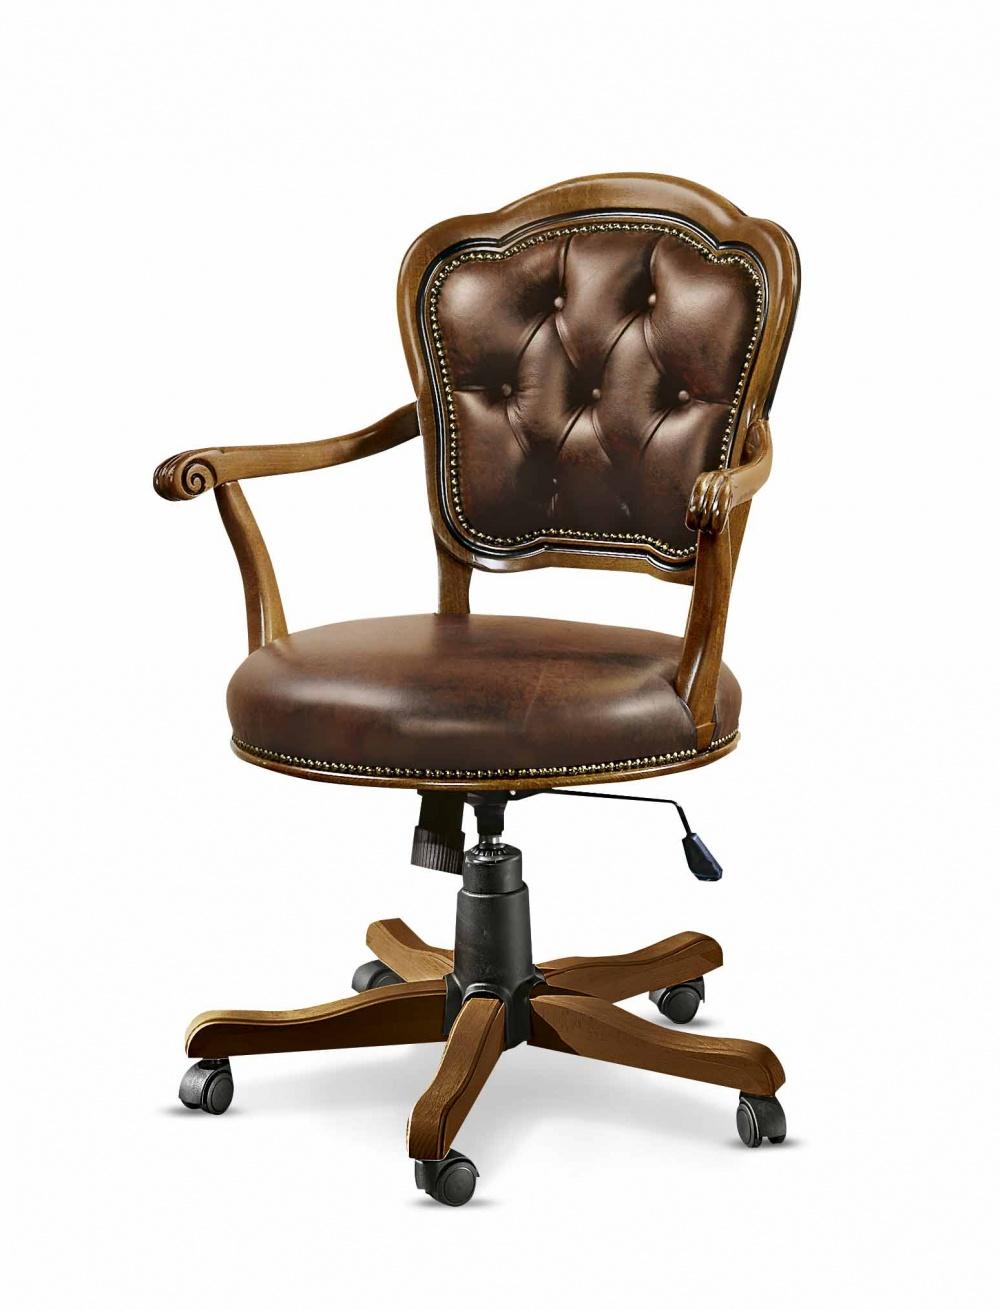 Poltrona girevole da ufficio in legno massello di faggio con imbottitura in vera pelle, regolabile in altezza e reclinabile - art. 453